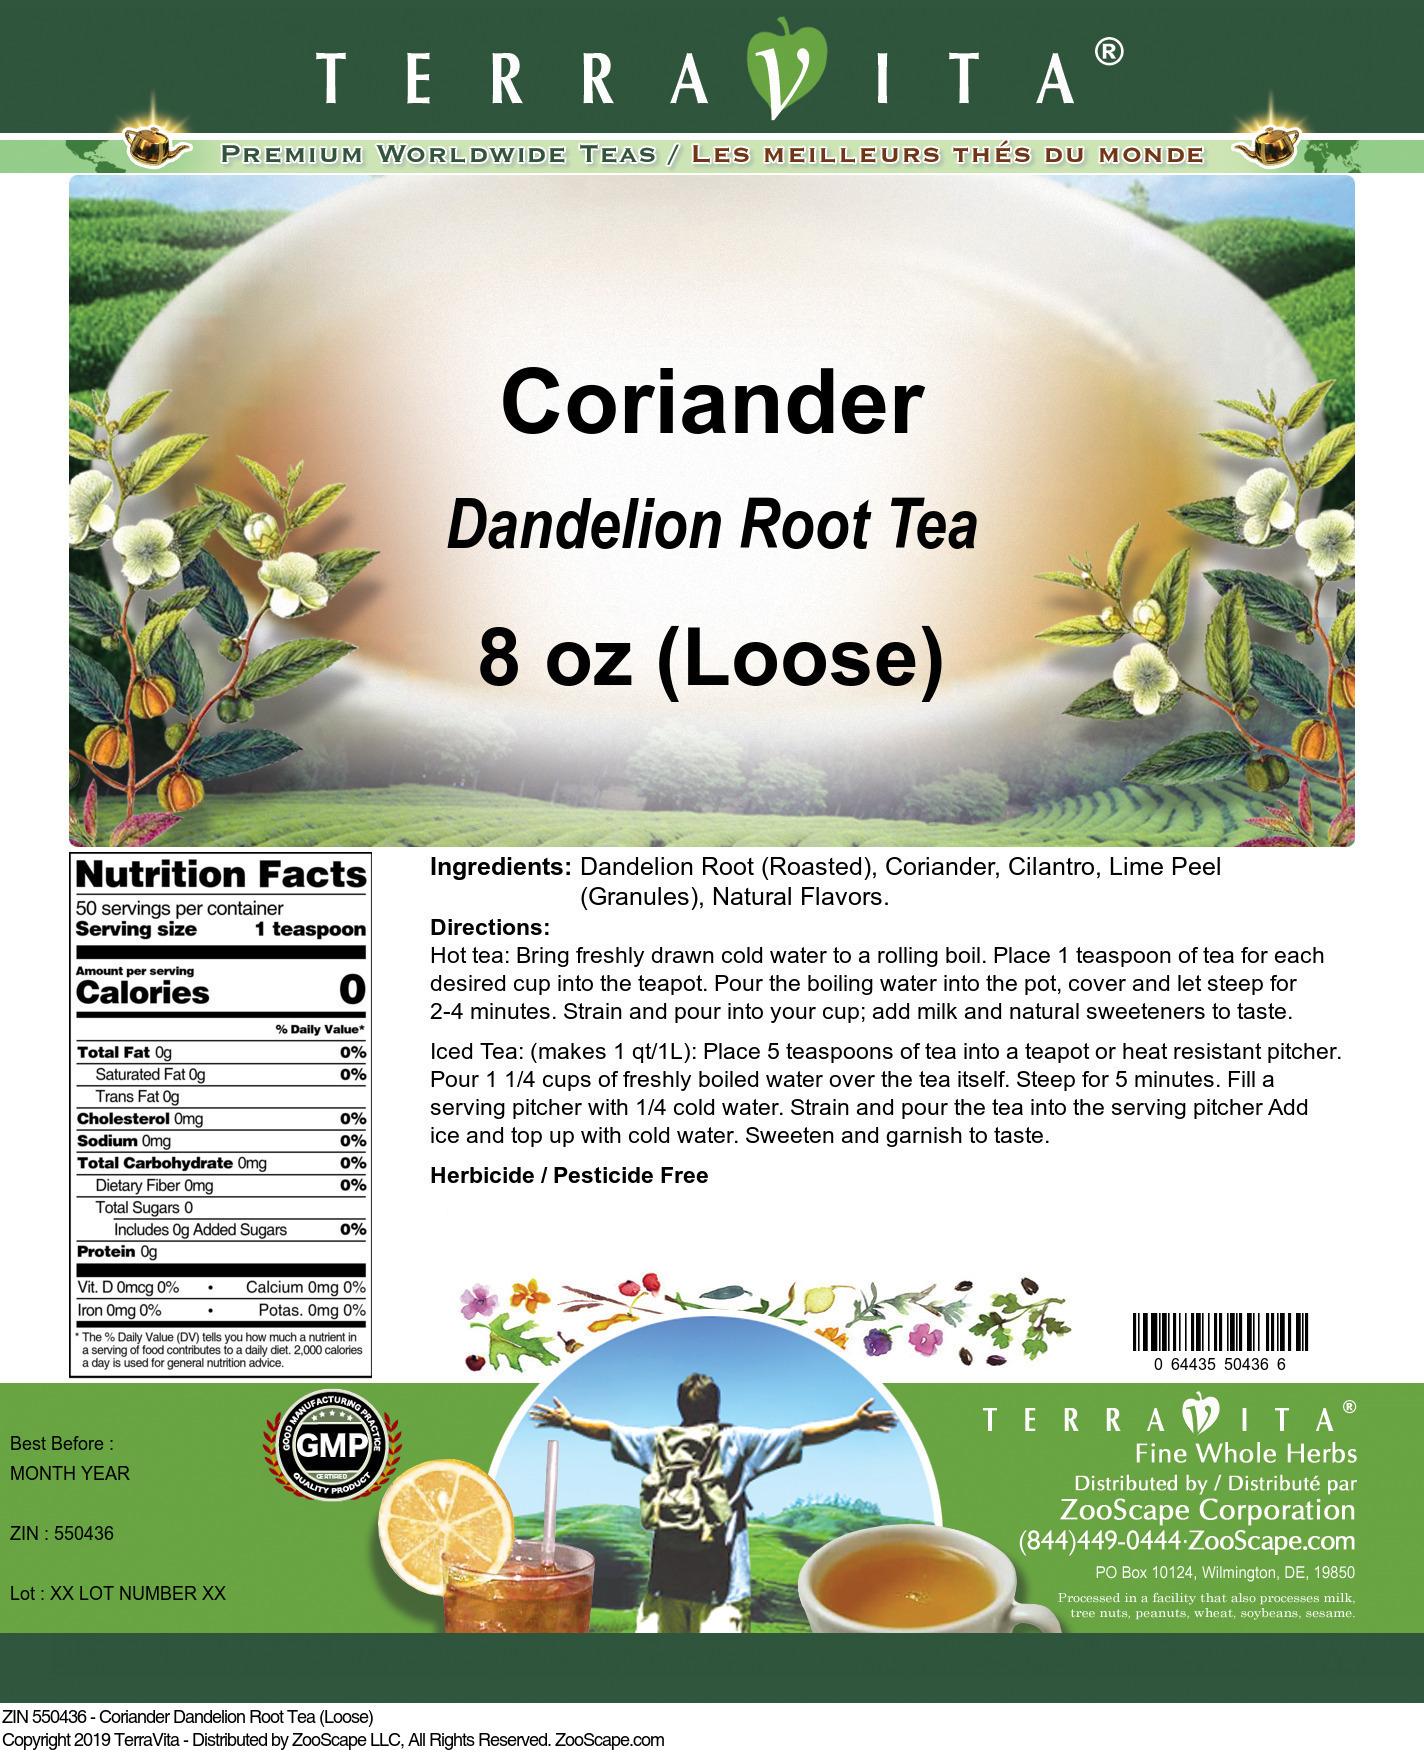 Coriander Dandelion Root